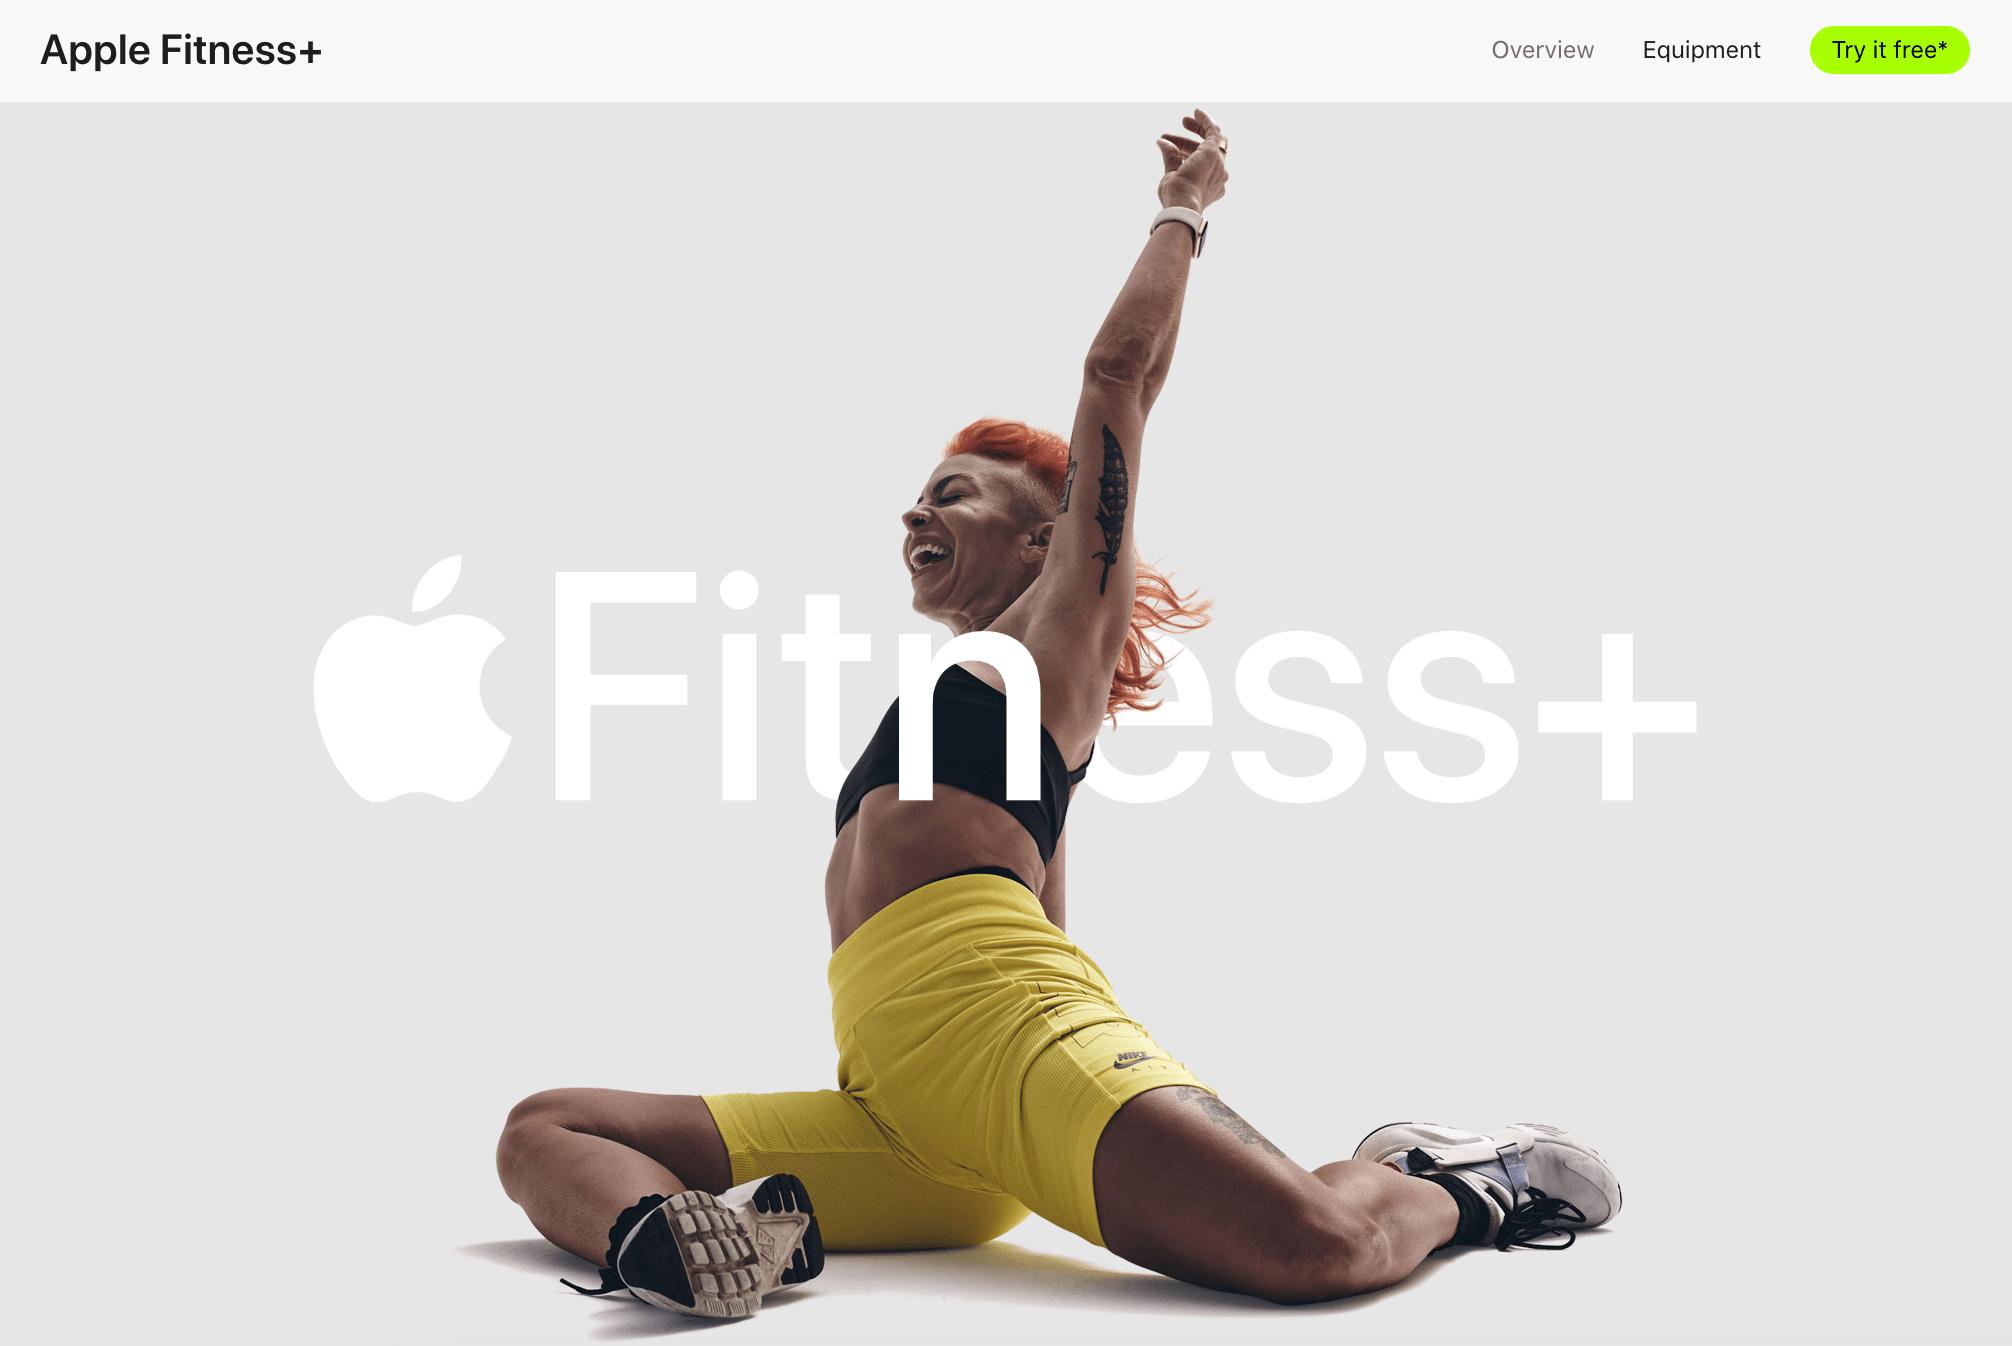 Das Aufkommen der neuen digitalen Wettbewerber für die Fitnessbranche